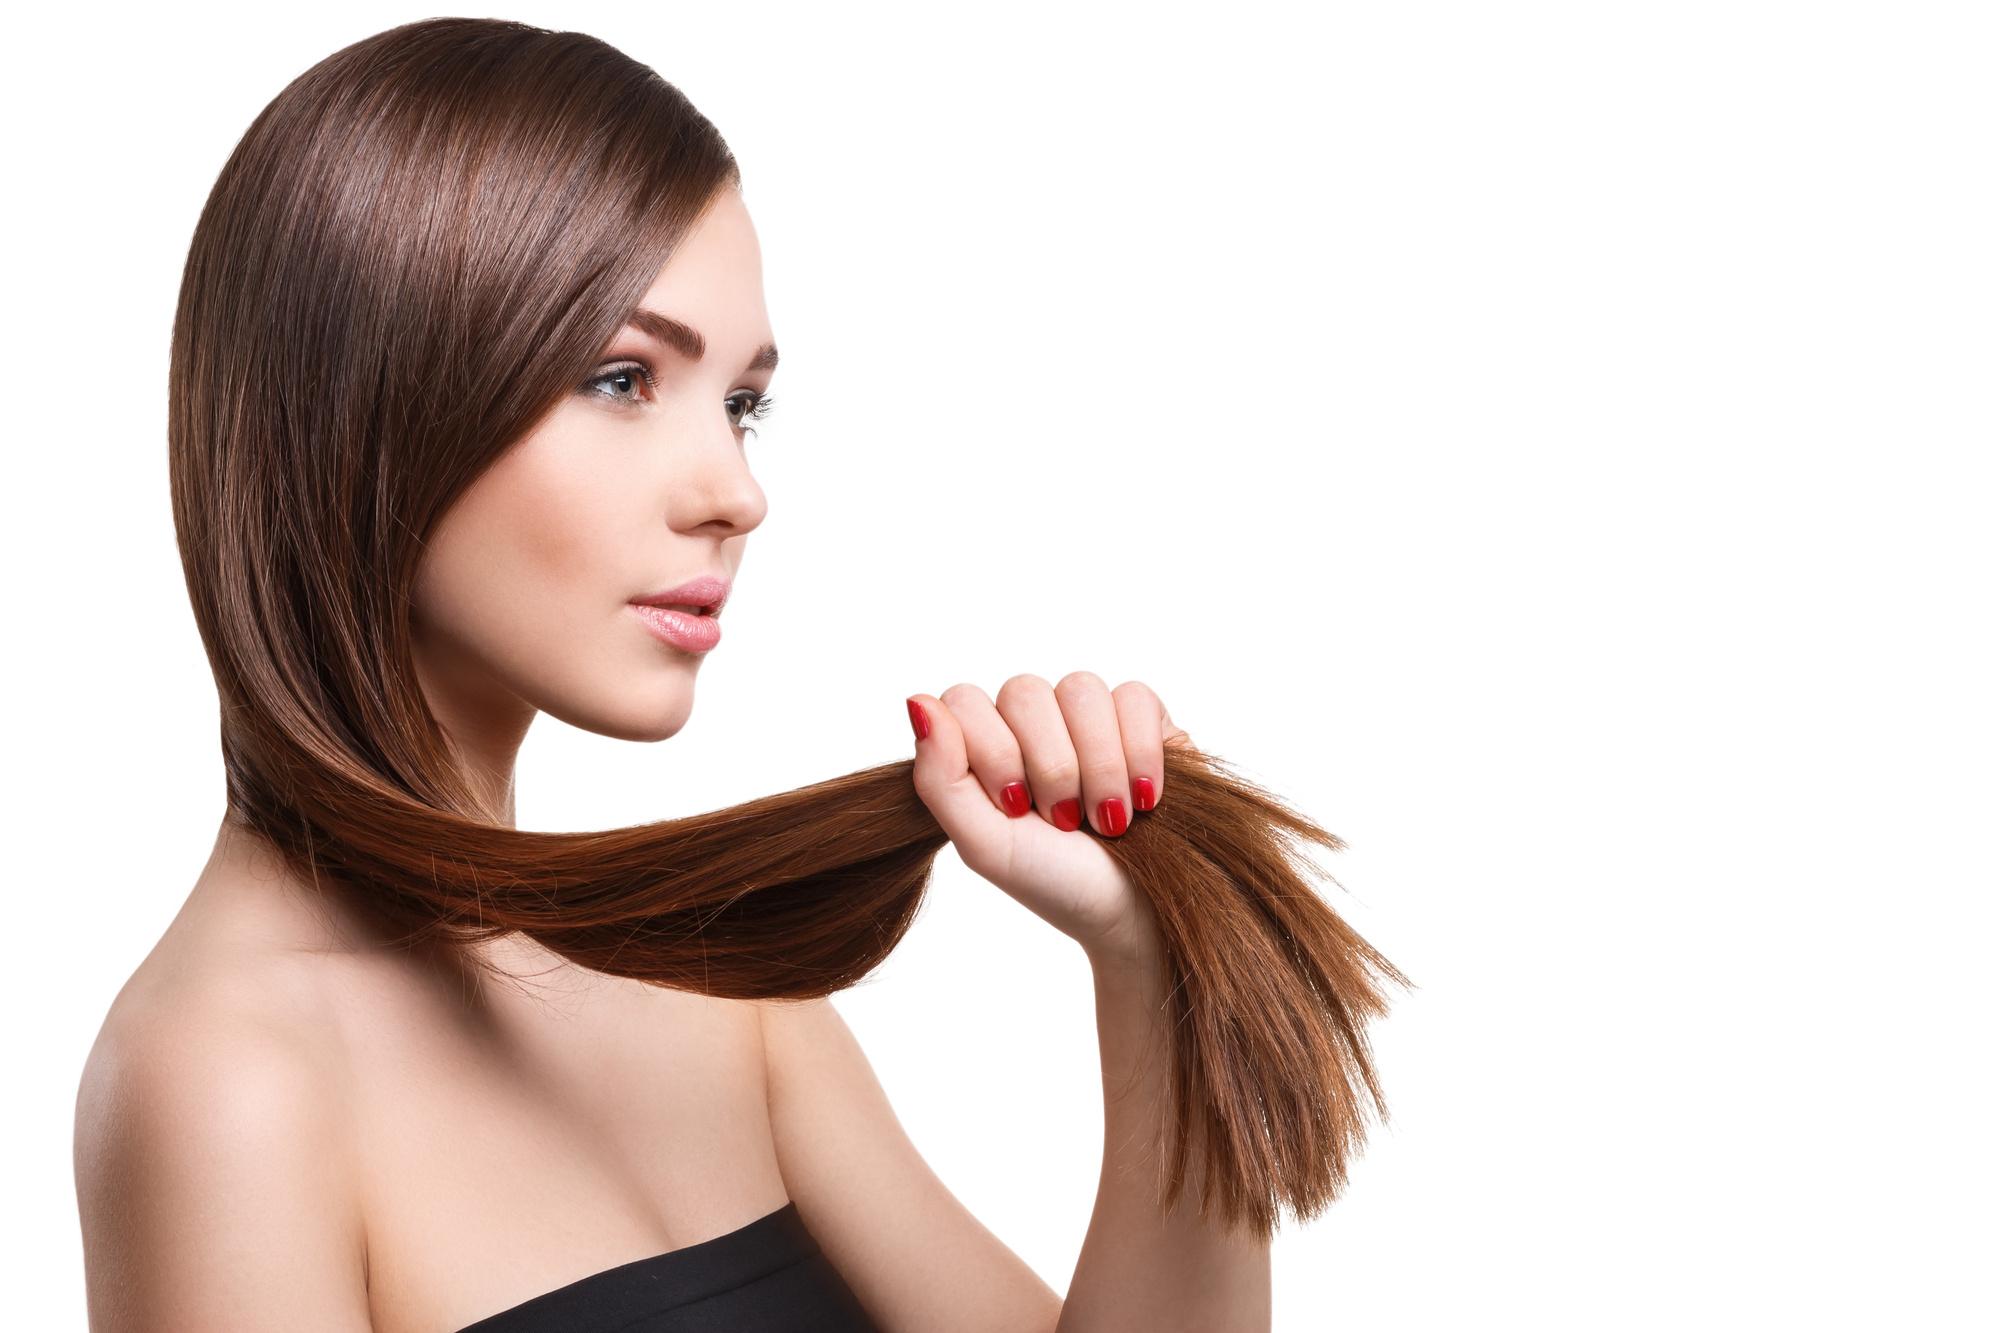 Does Collagen Help Hair?